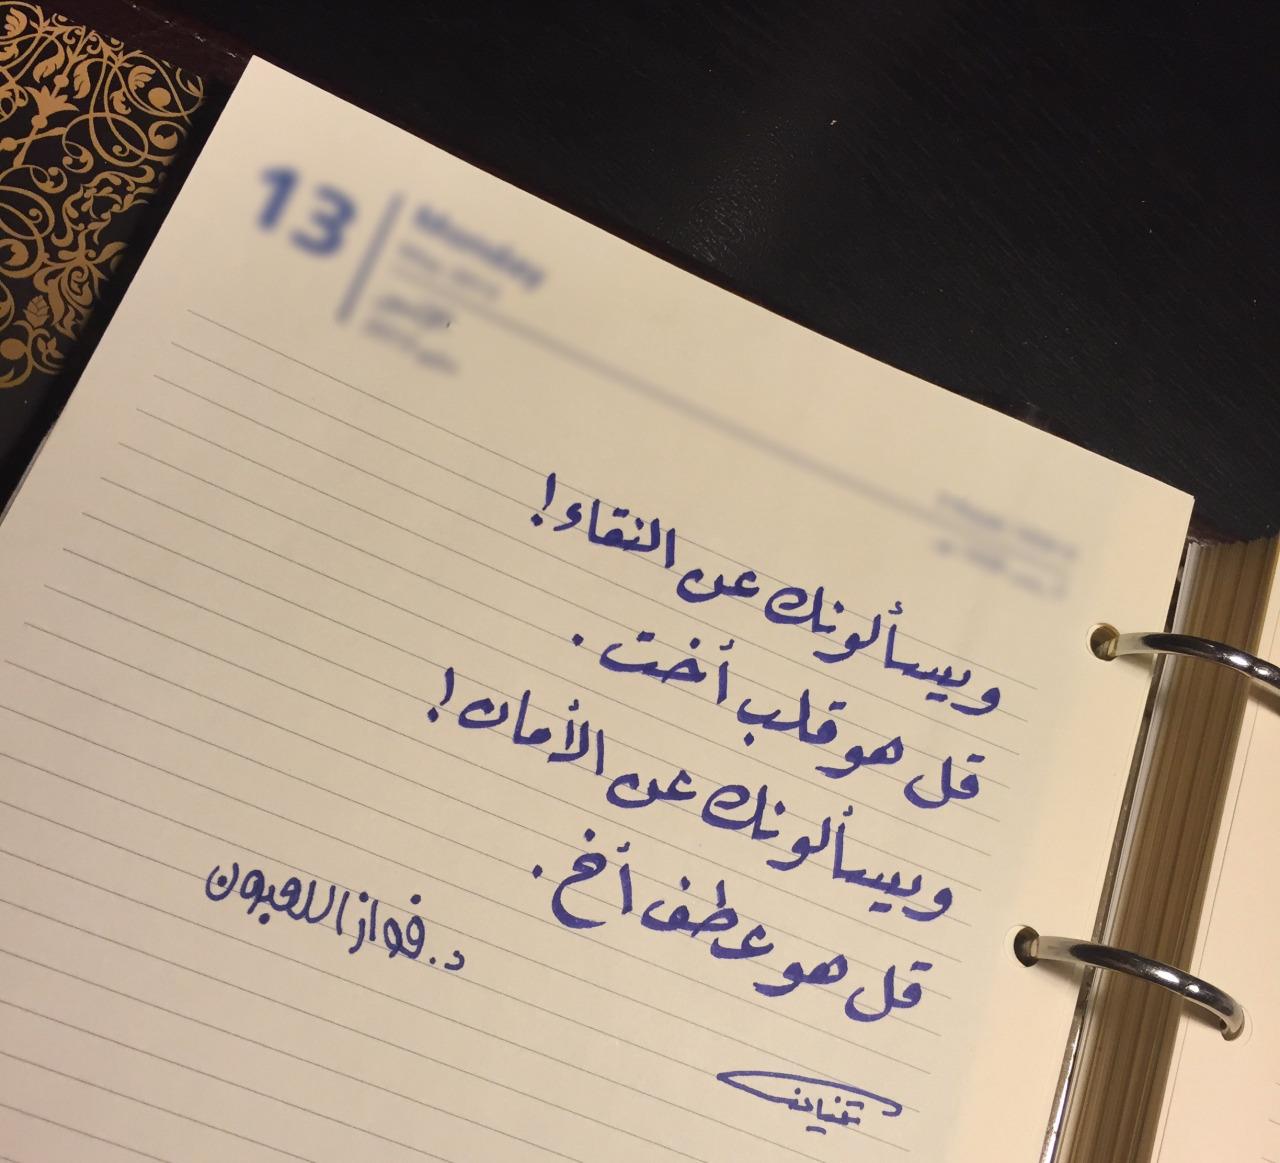 بالصور شعر عن الاخت الغاليه , من احلى ما كتب عن اعز اخت على القلب 1873 9